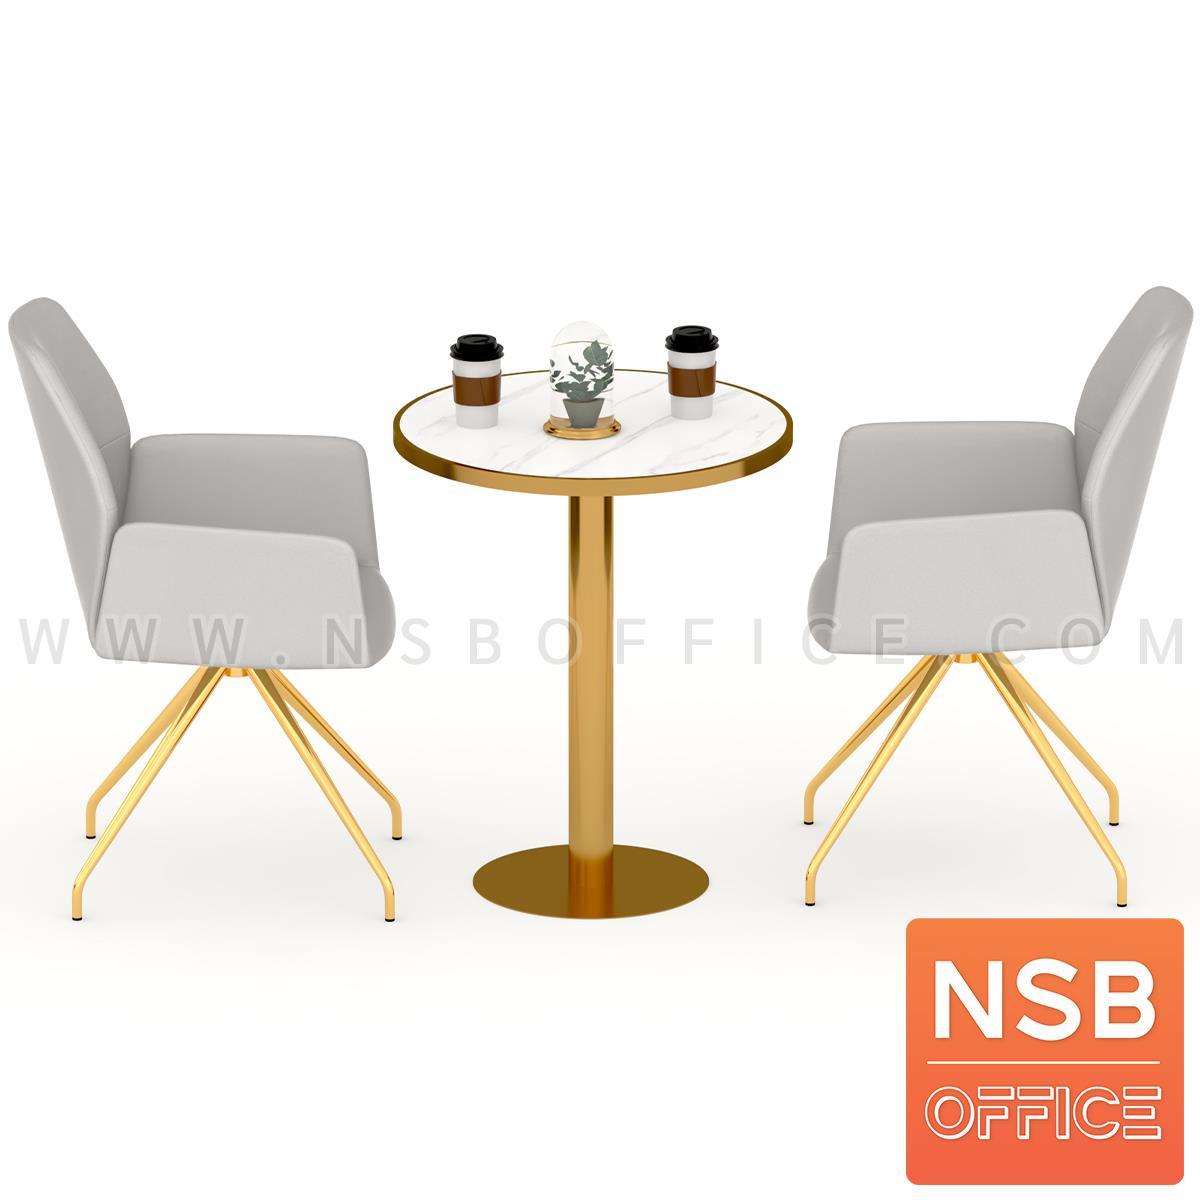 โต๊ะบาร์ COFFEE รุ่น Kristel (คริสเทล)  หน้าท็อปหินอ่อน โครงขาสเตนเลสสีทอง